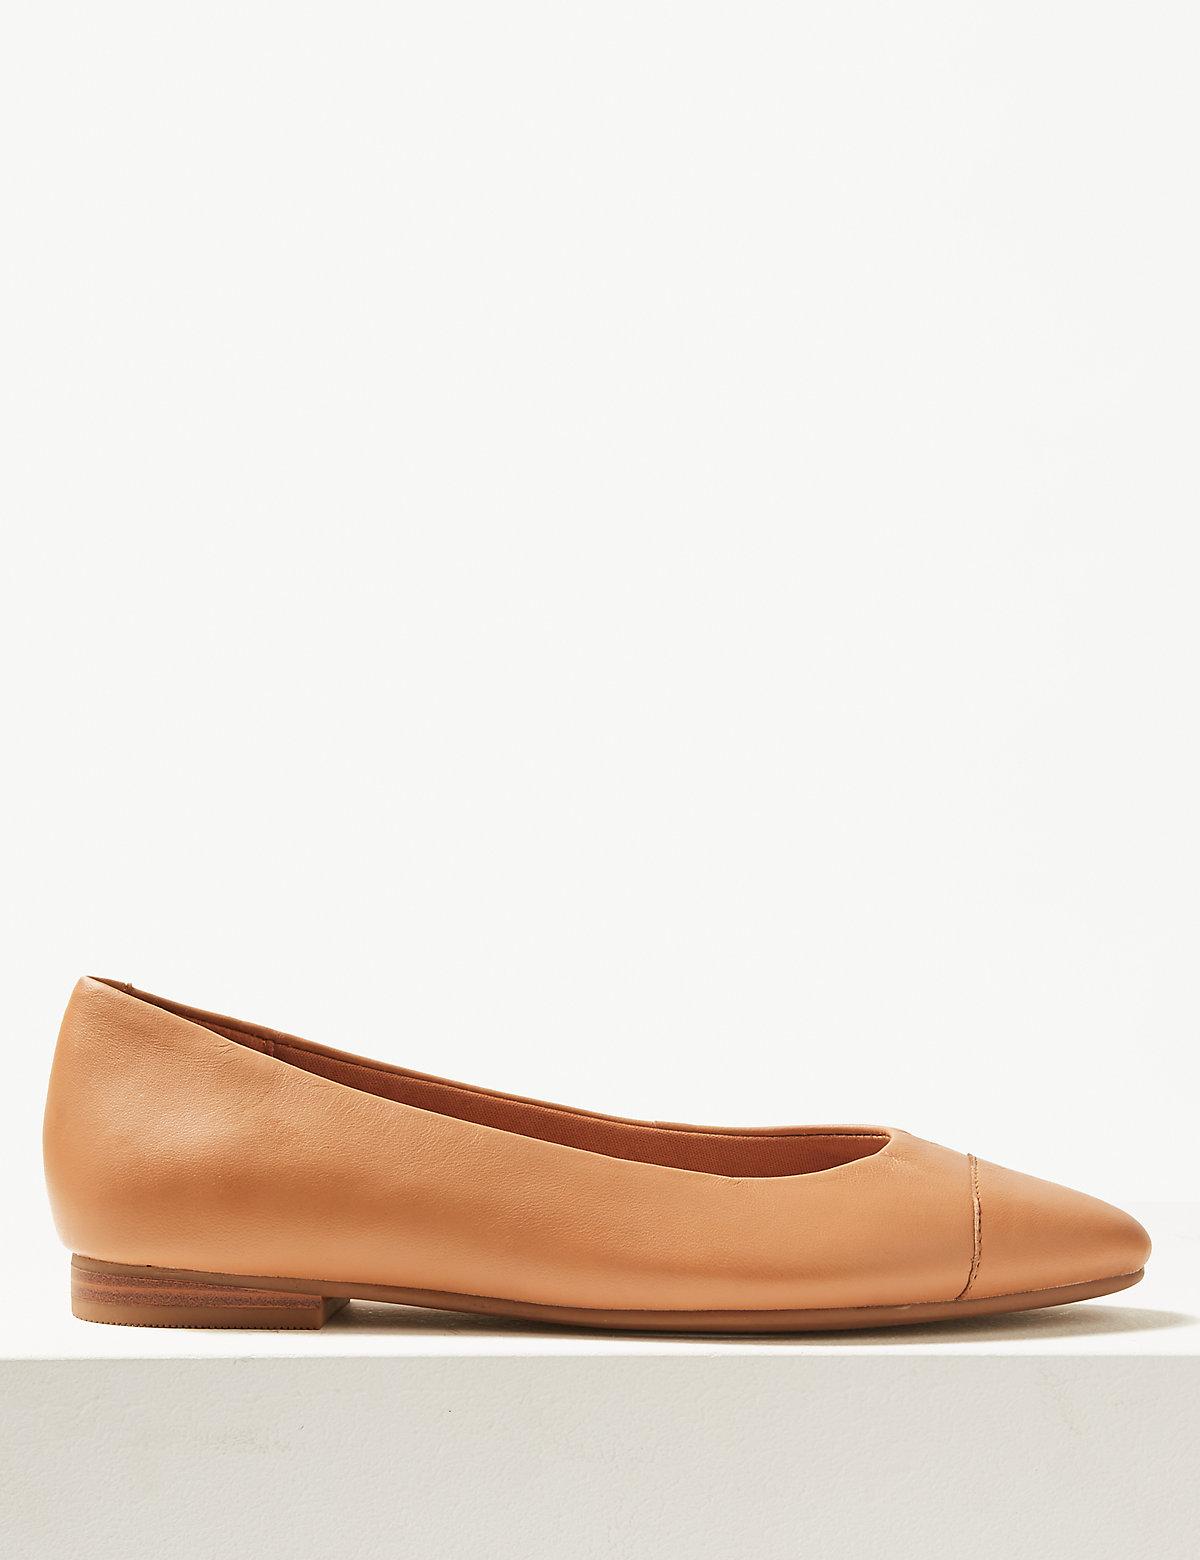 Кожаные женские туфли-балетки с миндальным носком